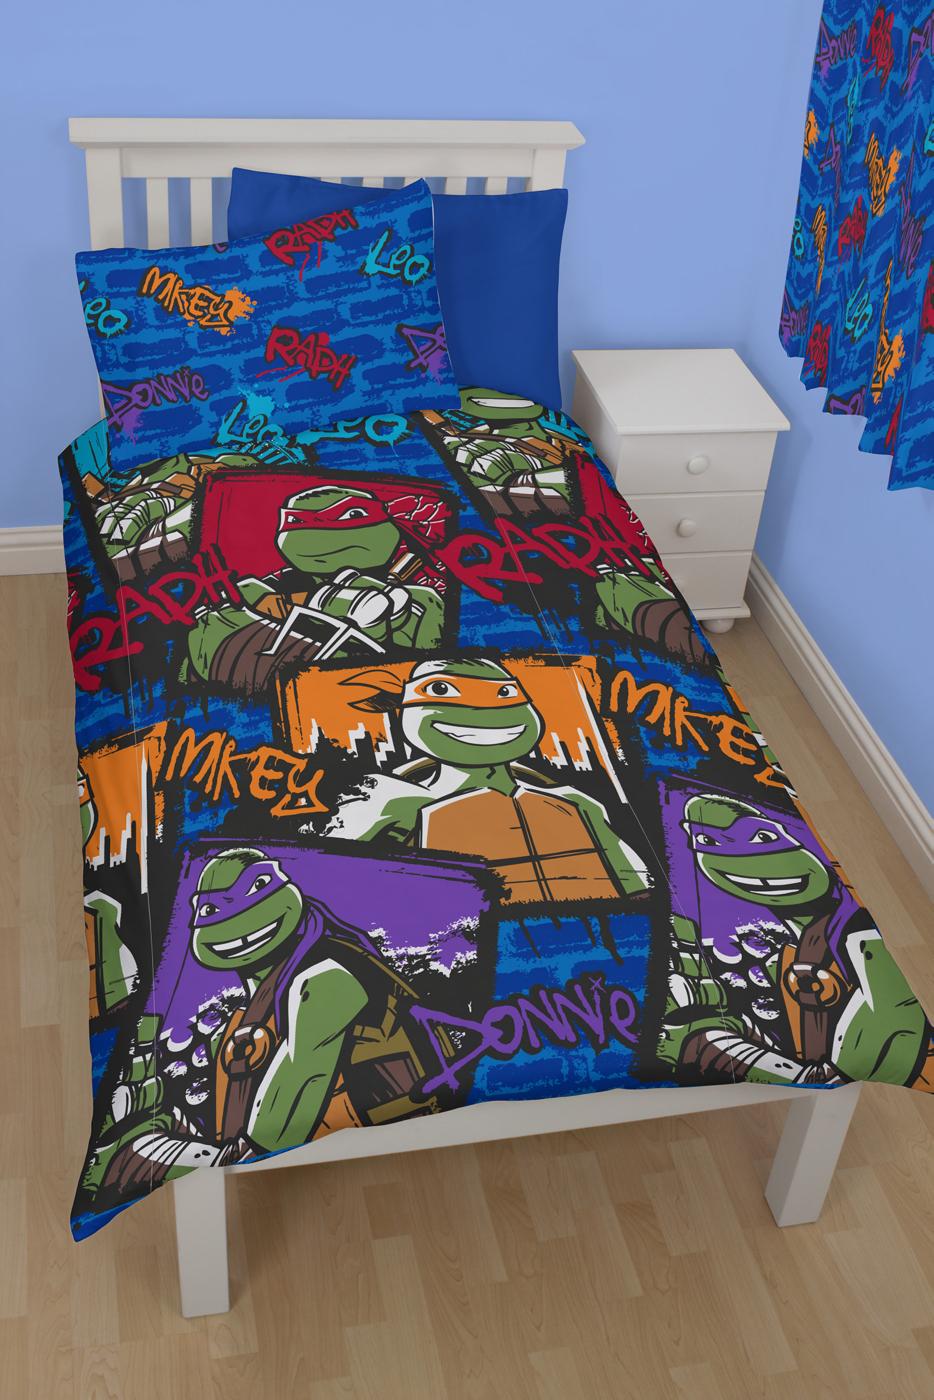 ninja turtles bedroom decor uk - bedroom style ideas